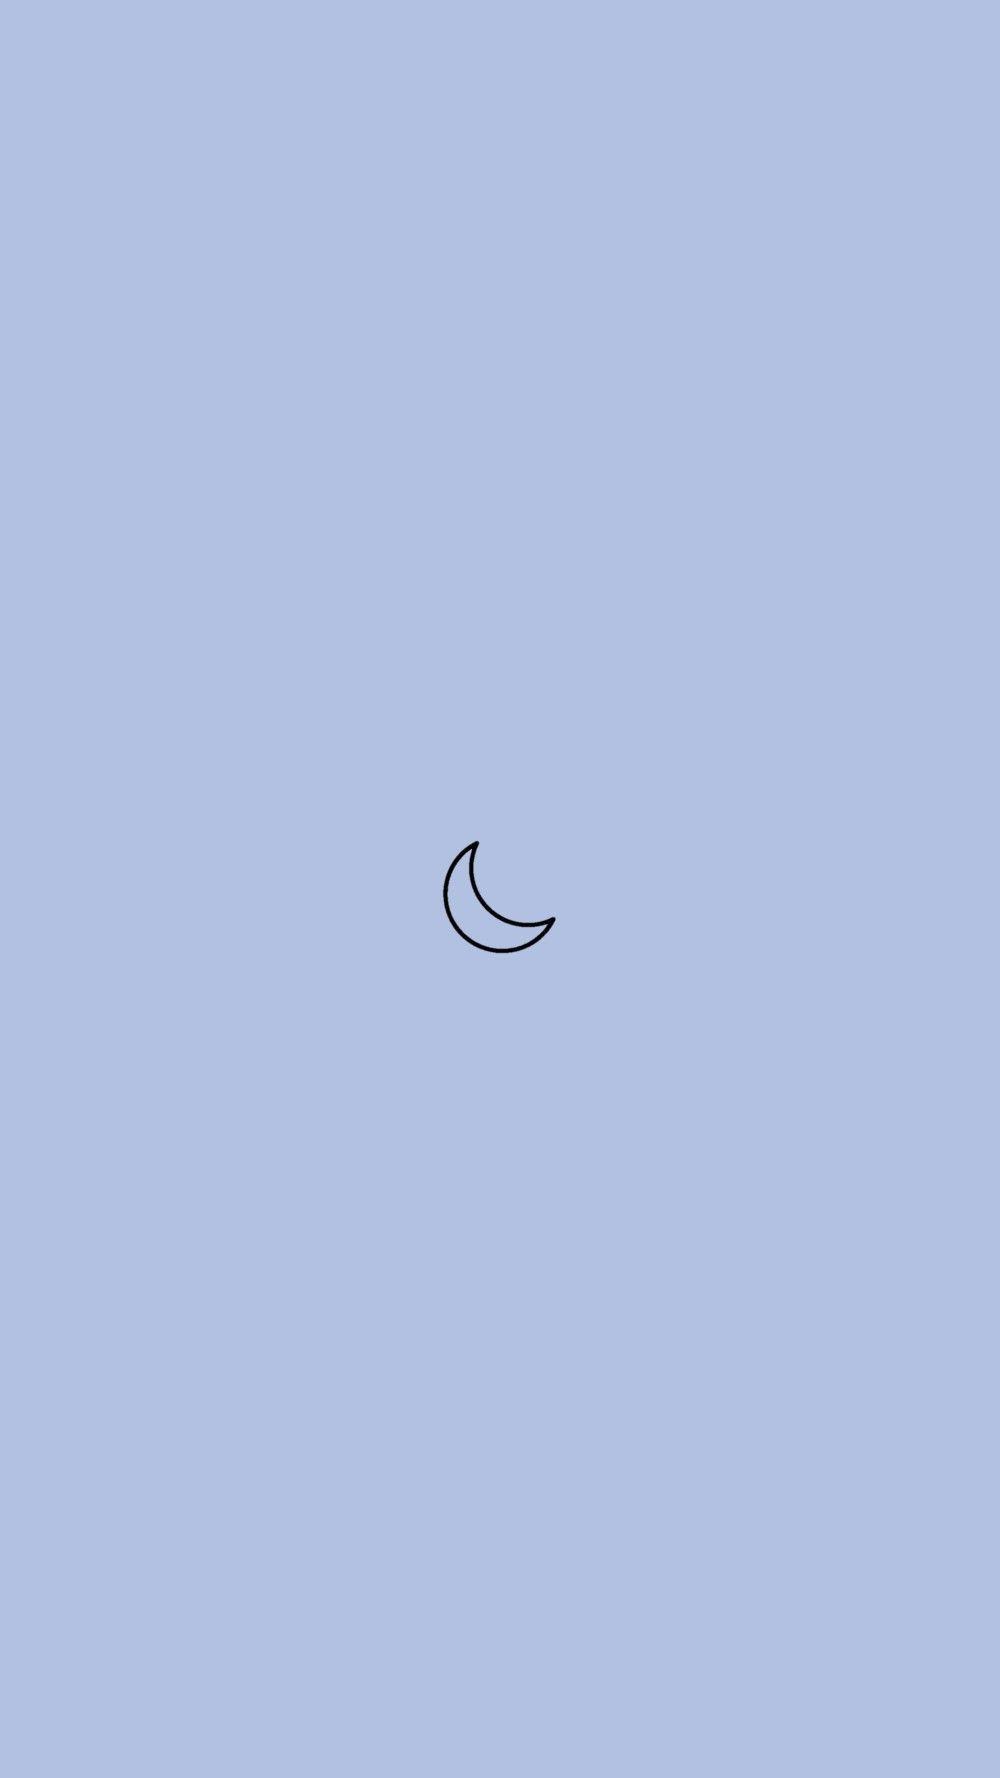 minimalistischer Mond blau Telefon Hintergrund #wallpaperiphone minimalistischer Mond blau Telefon